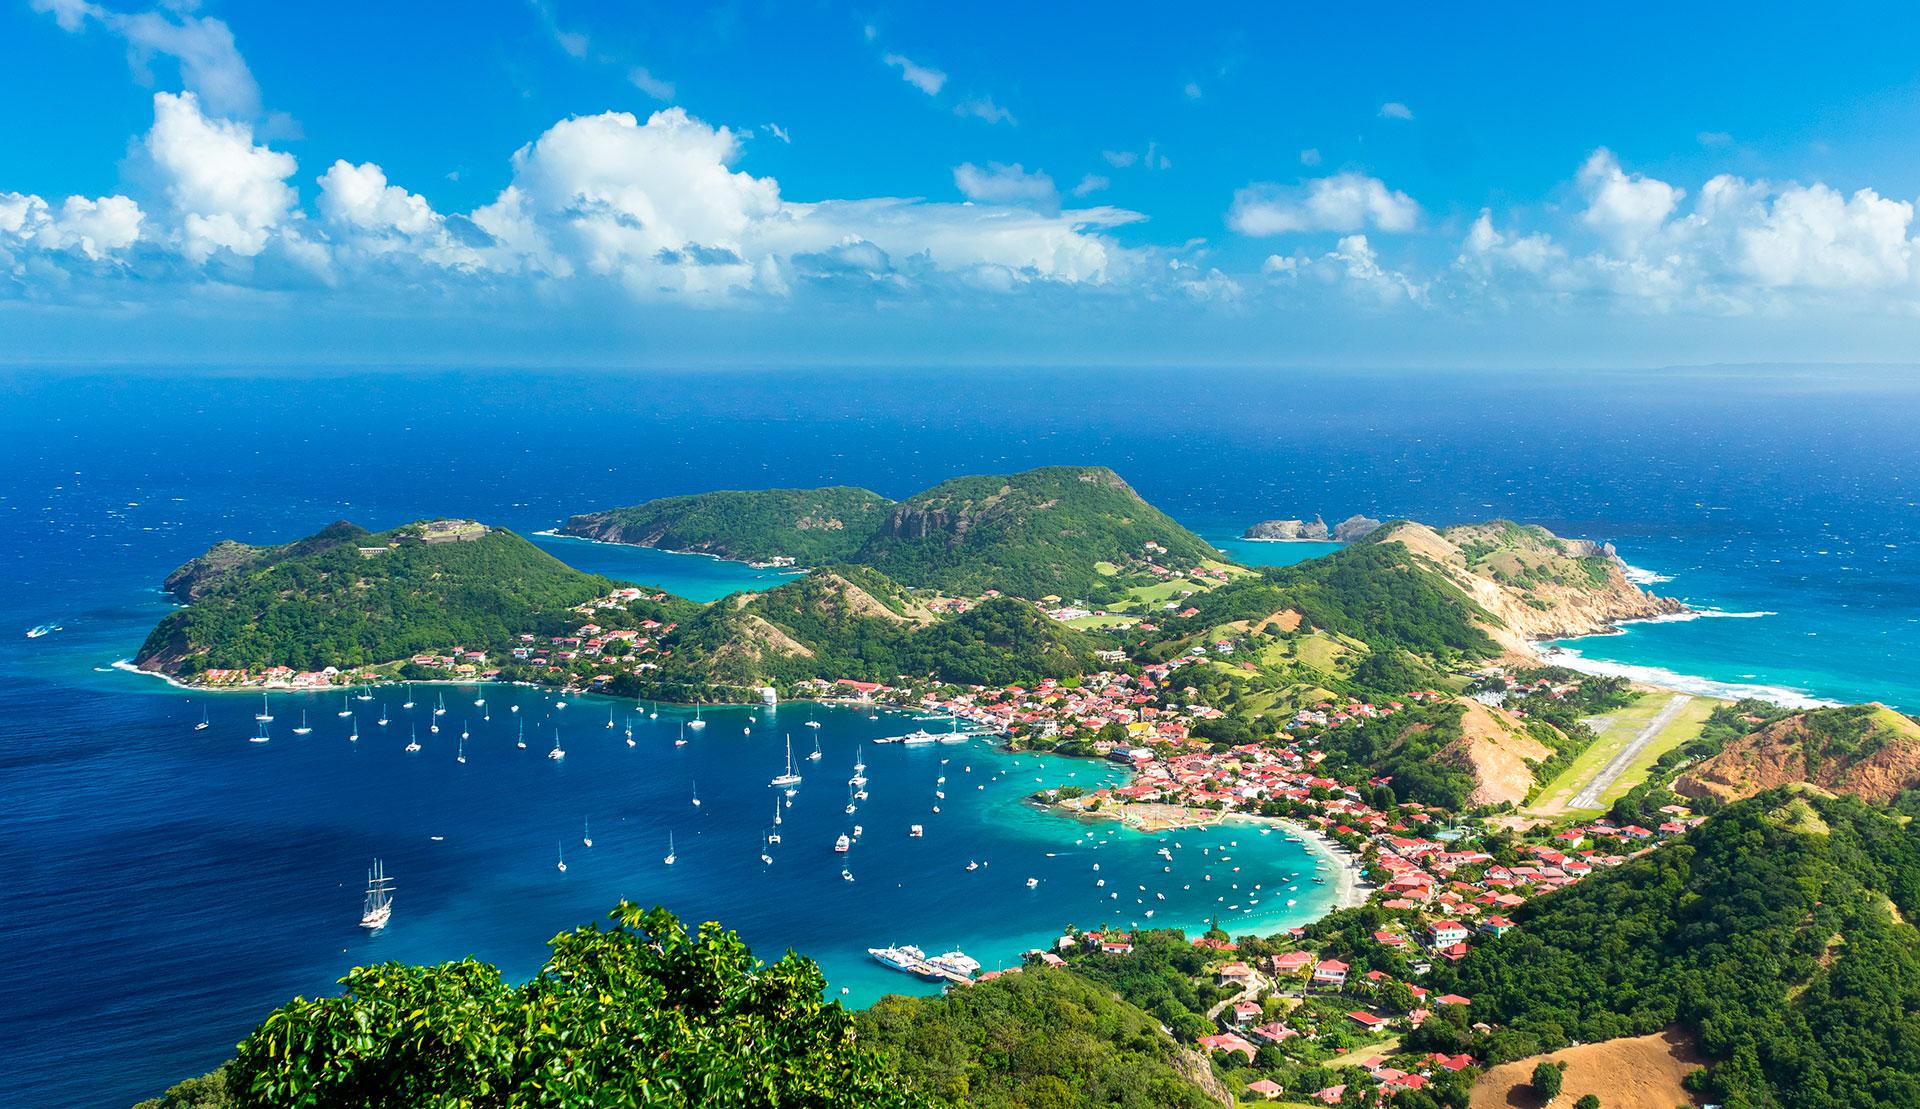 Es fácil ver por qué Guadalupe ha sido durante mucho tiempo un lugar de vacaciones favorito entre los turistas franceses. El territorio en forma de mariposa tiene cascadas asombrosas, playas de arena blanca y aguas cristalinas perfectas para bucear. El archipiélago de ocho islas encantadoras tiene toneladas de lugares hermosos para elegir